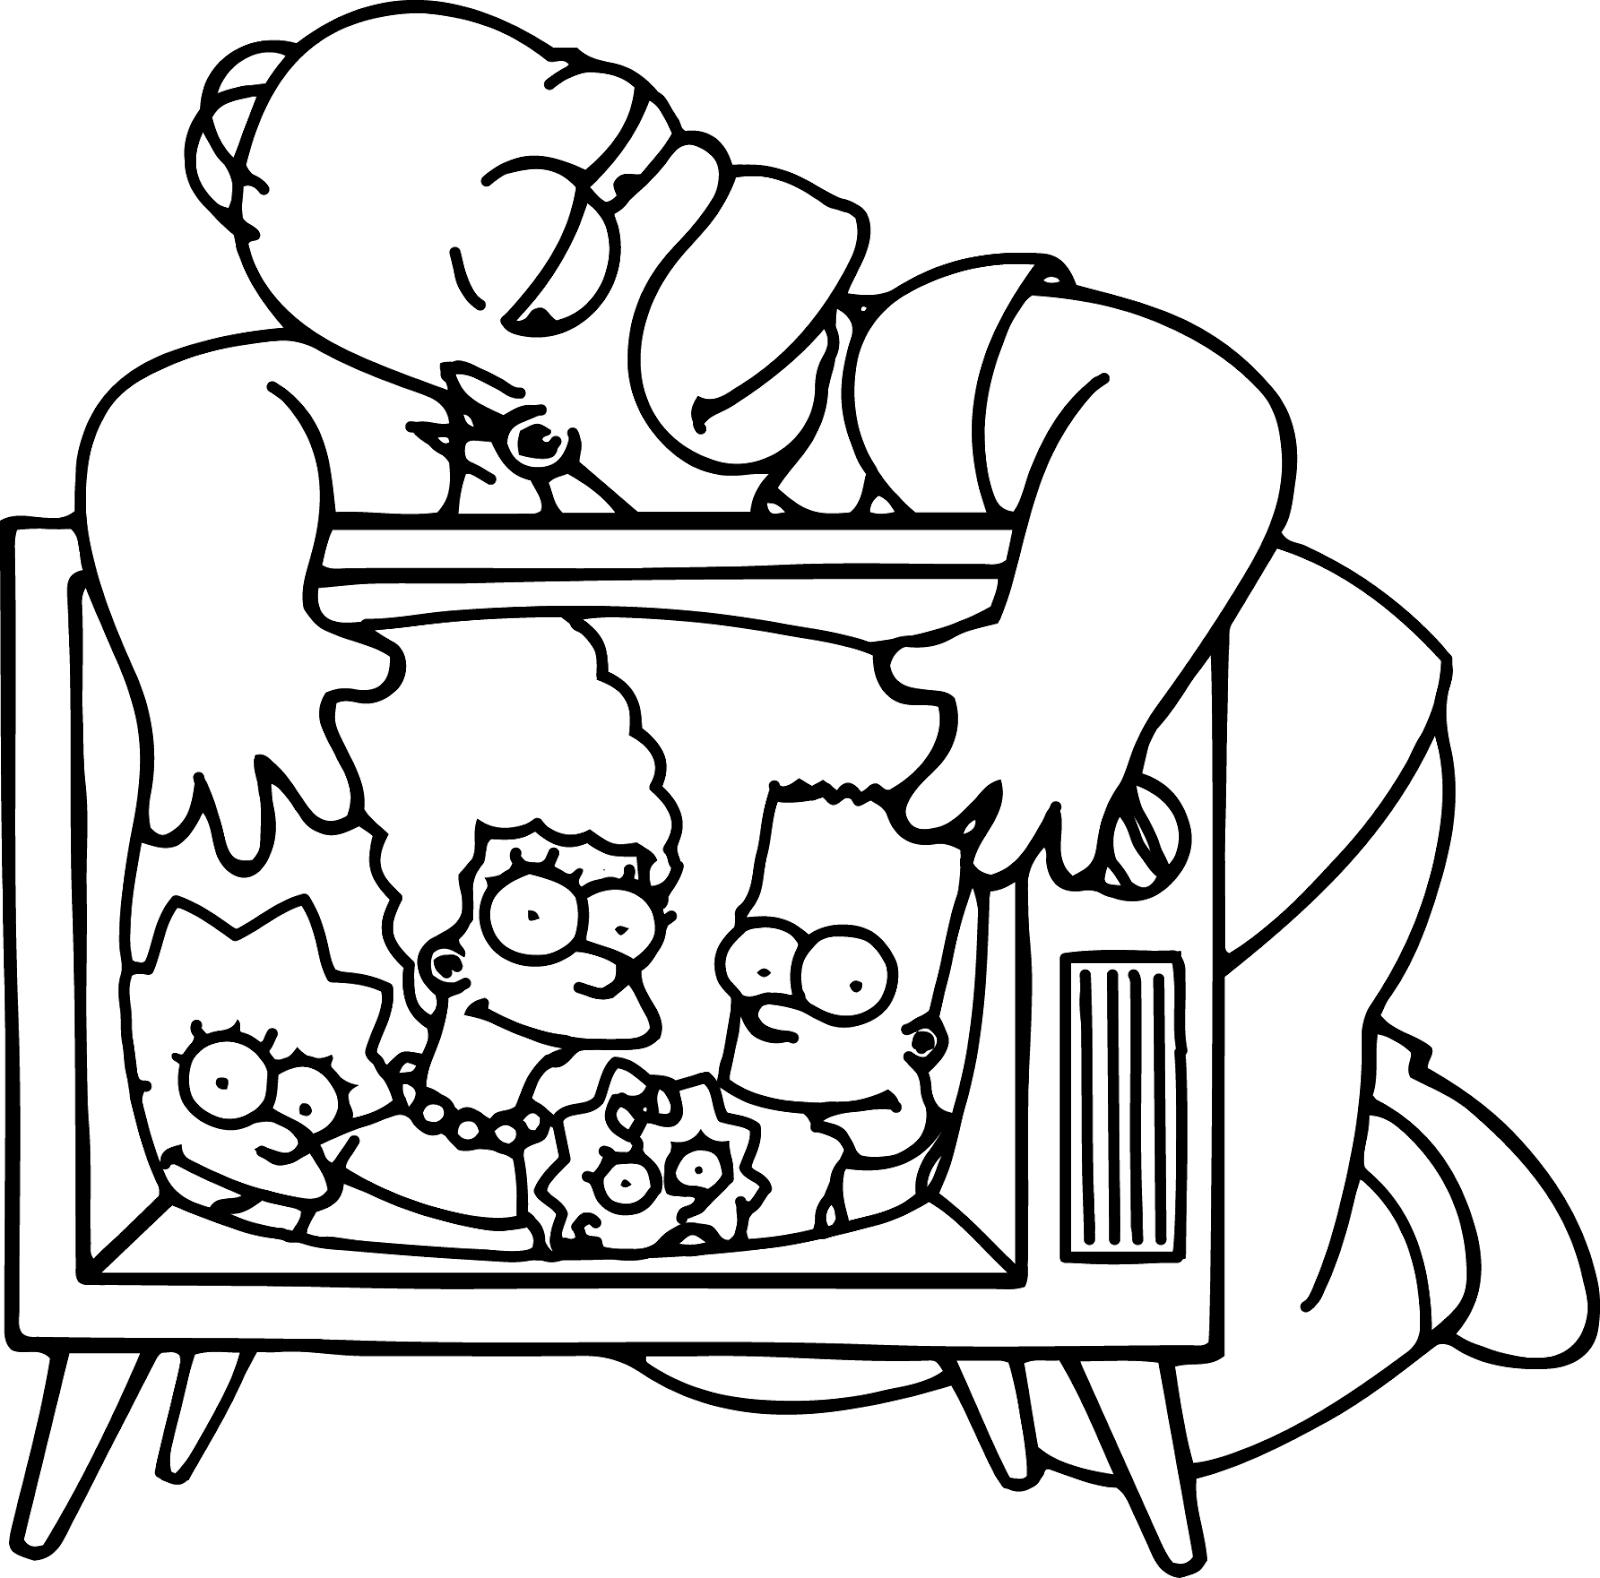 Desenho De Homer Simpson Vendo Televisão Para Colorir